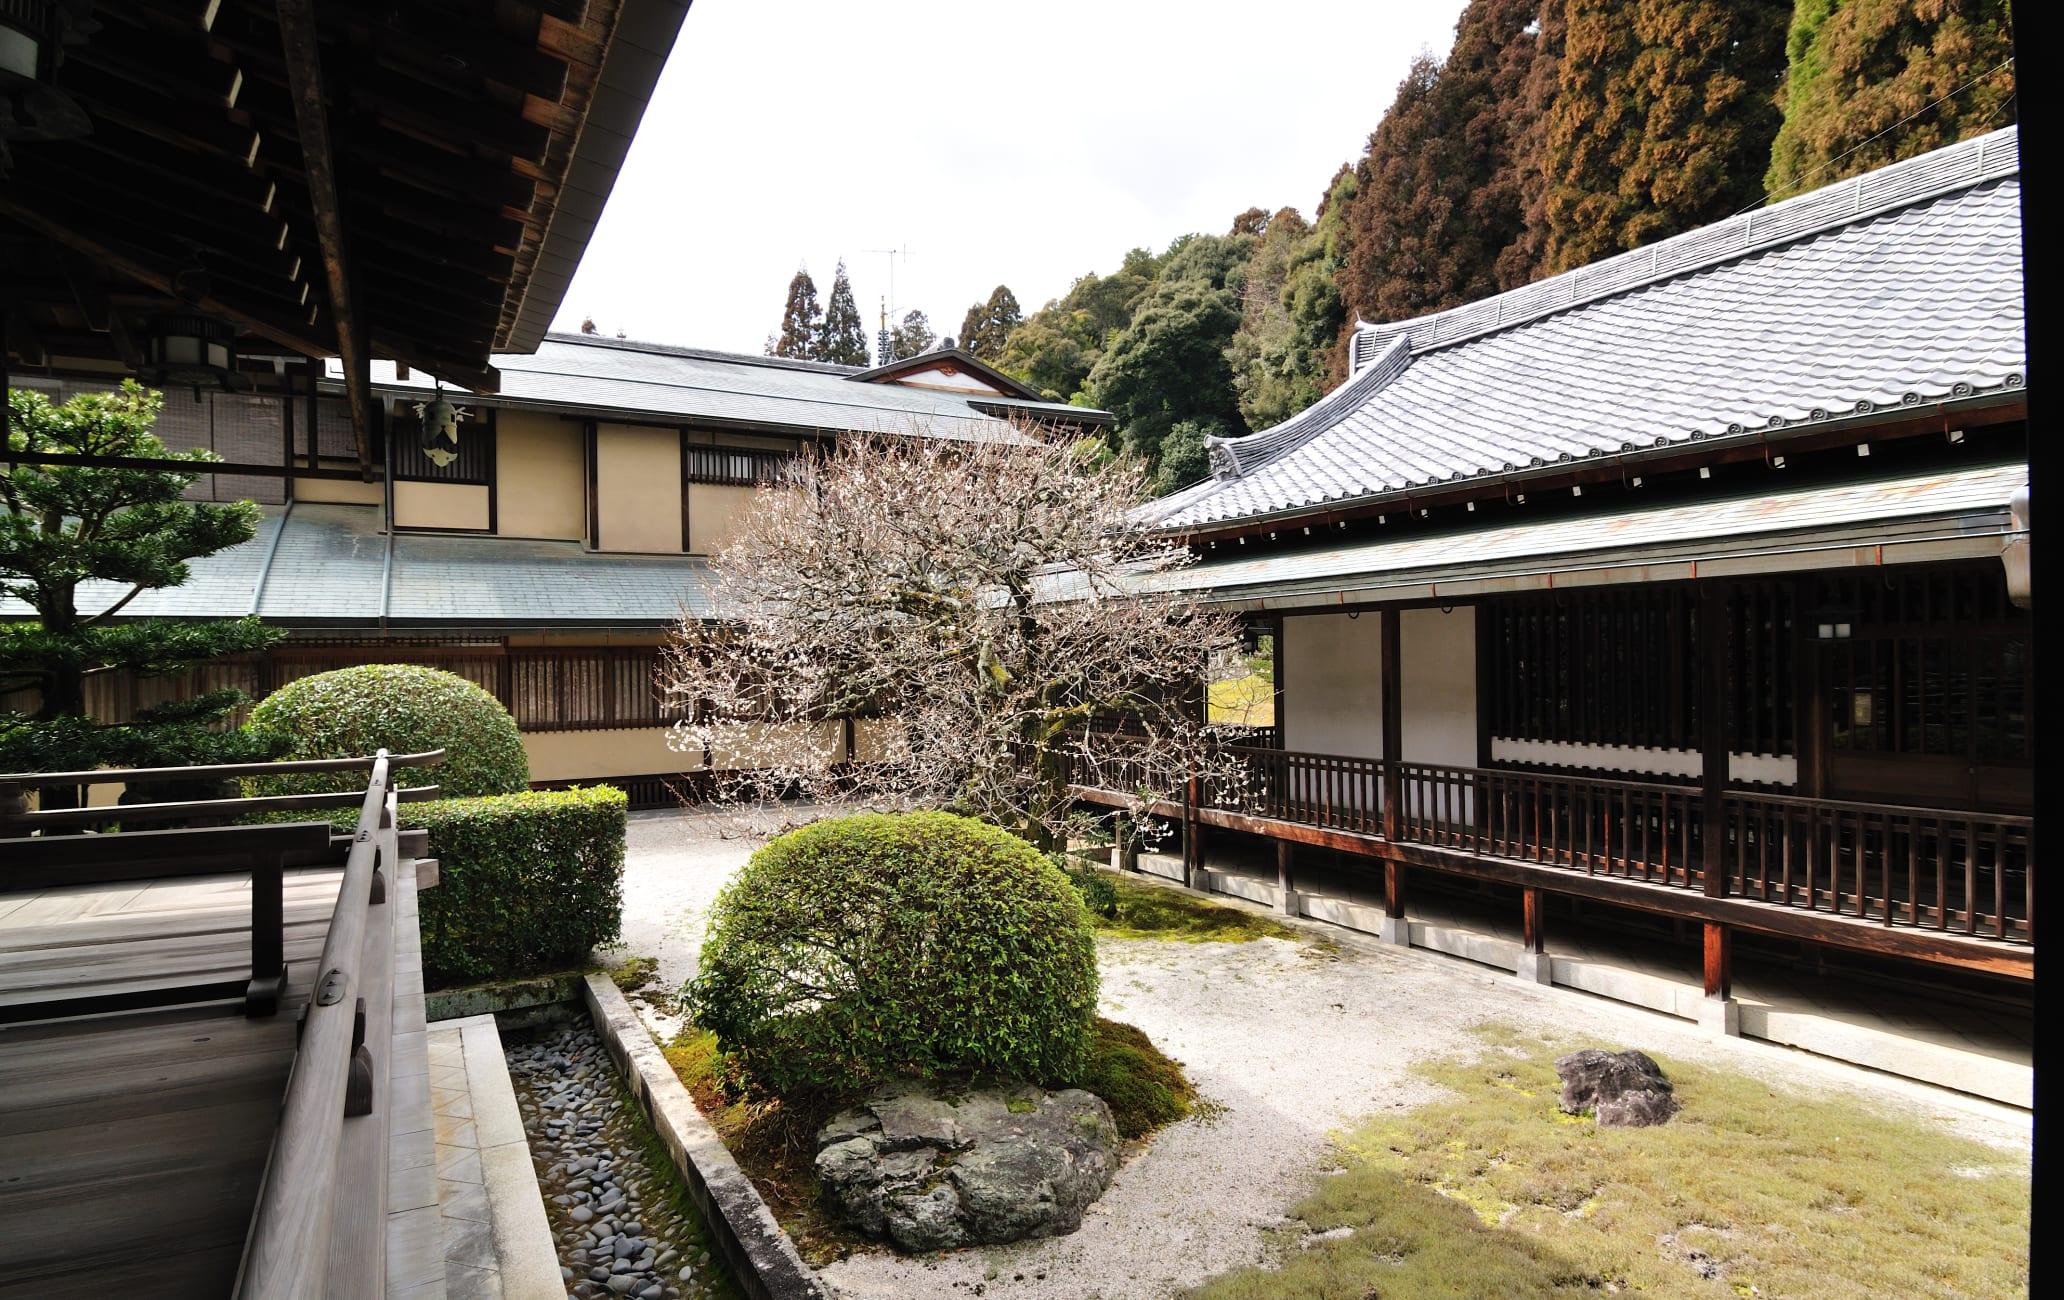 sagano & arashi-yama area